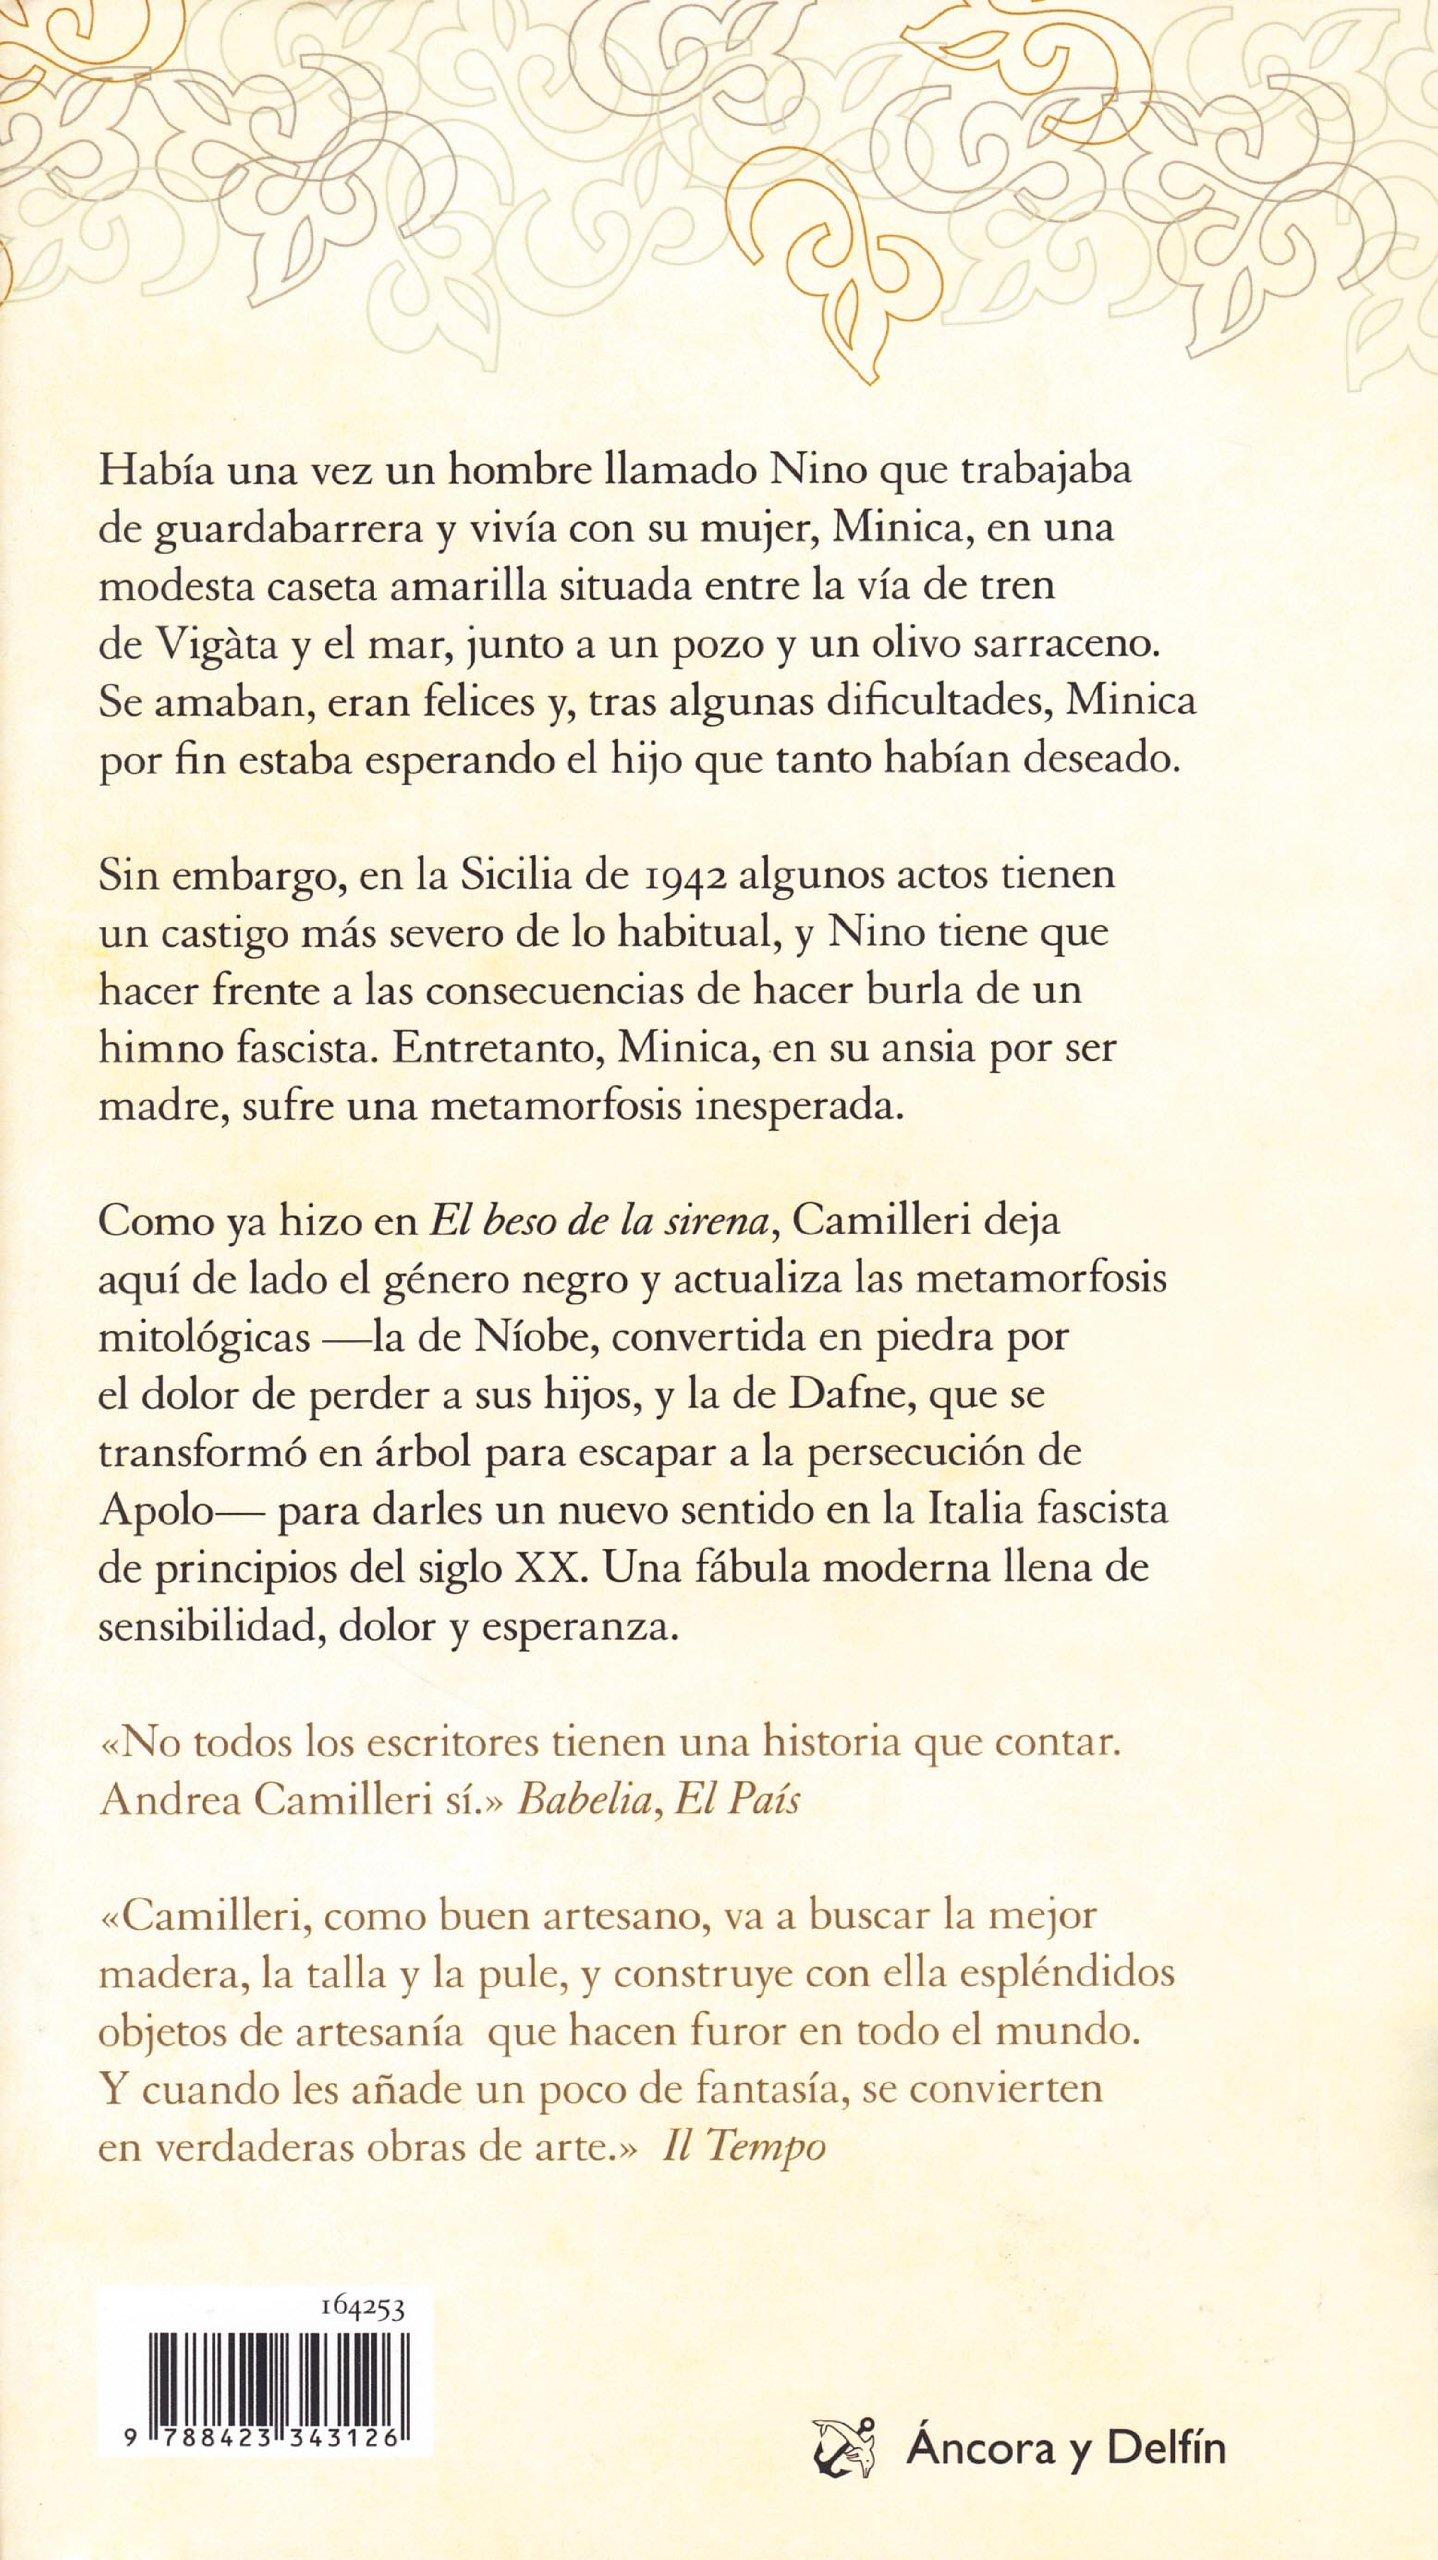 El guardabarrera (Áncora & Delfín): Amazon.es: Andrea Camilleri, Carlos Vitale: Libros